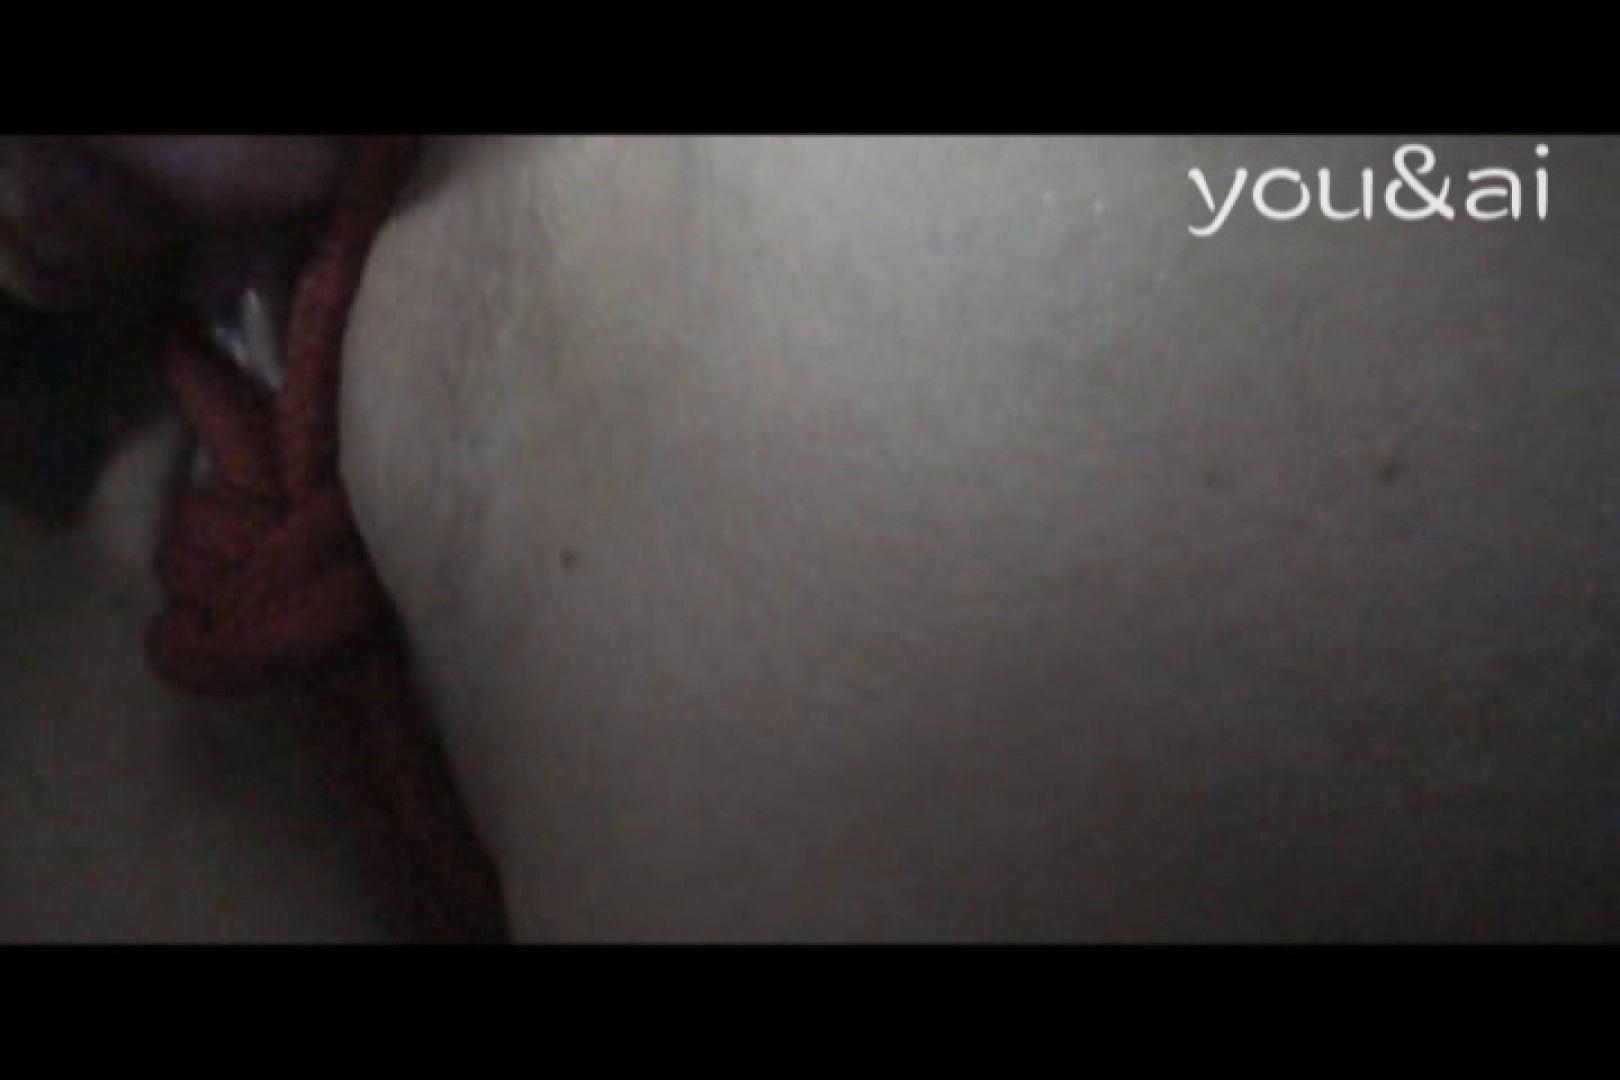 おしどり夫婦のyou&aiさん投稿作品vol.4 緊縛 | 一般投稿  107画像 19